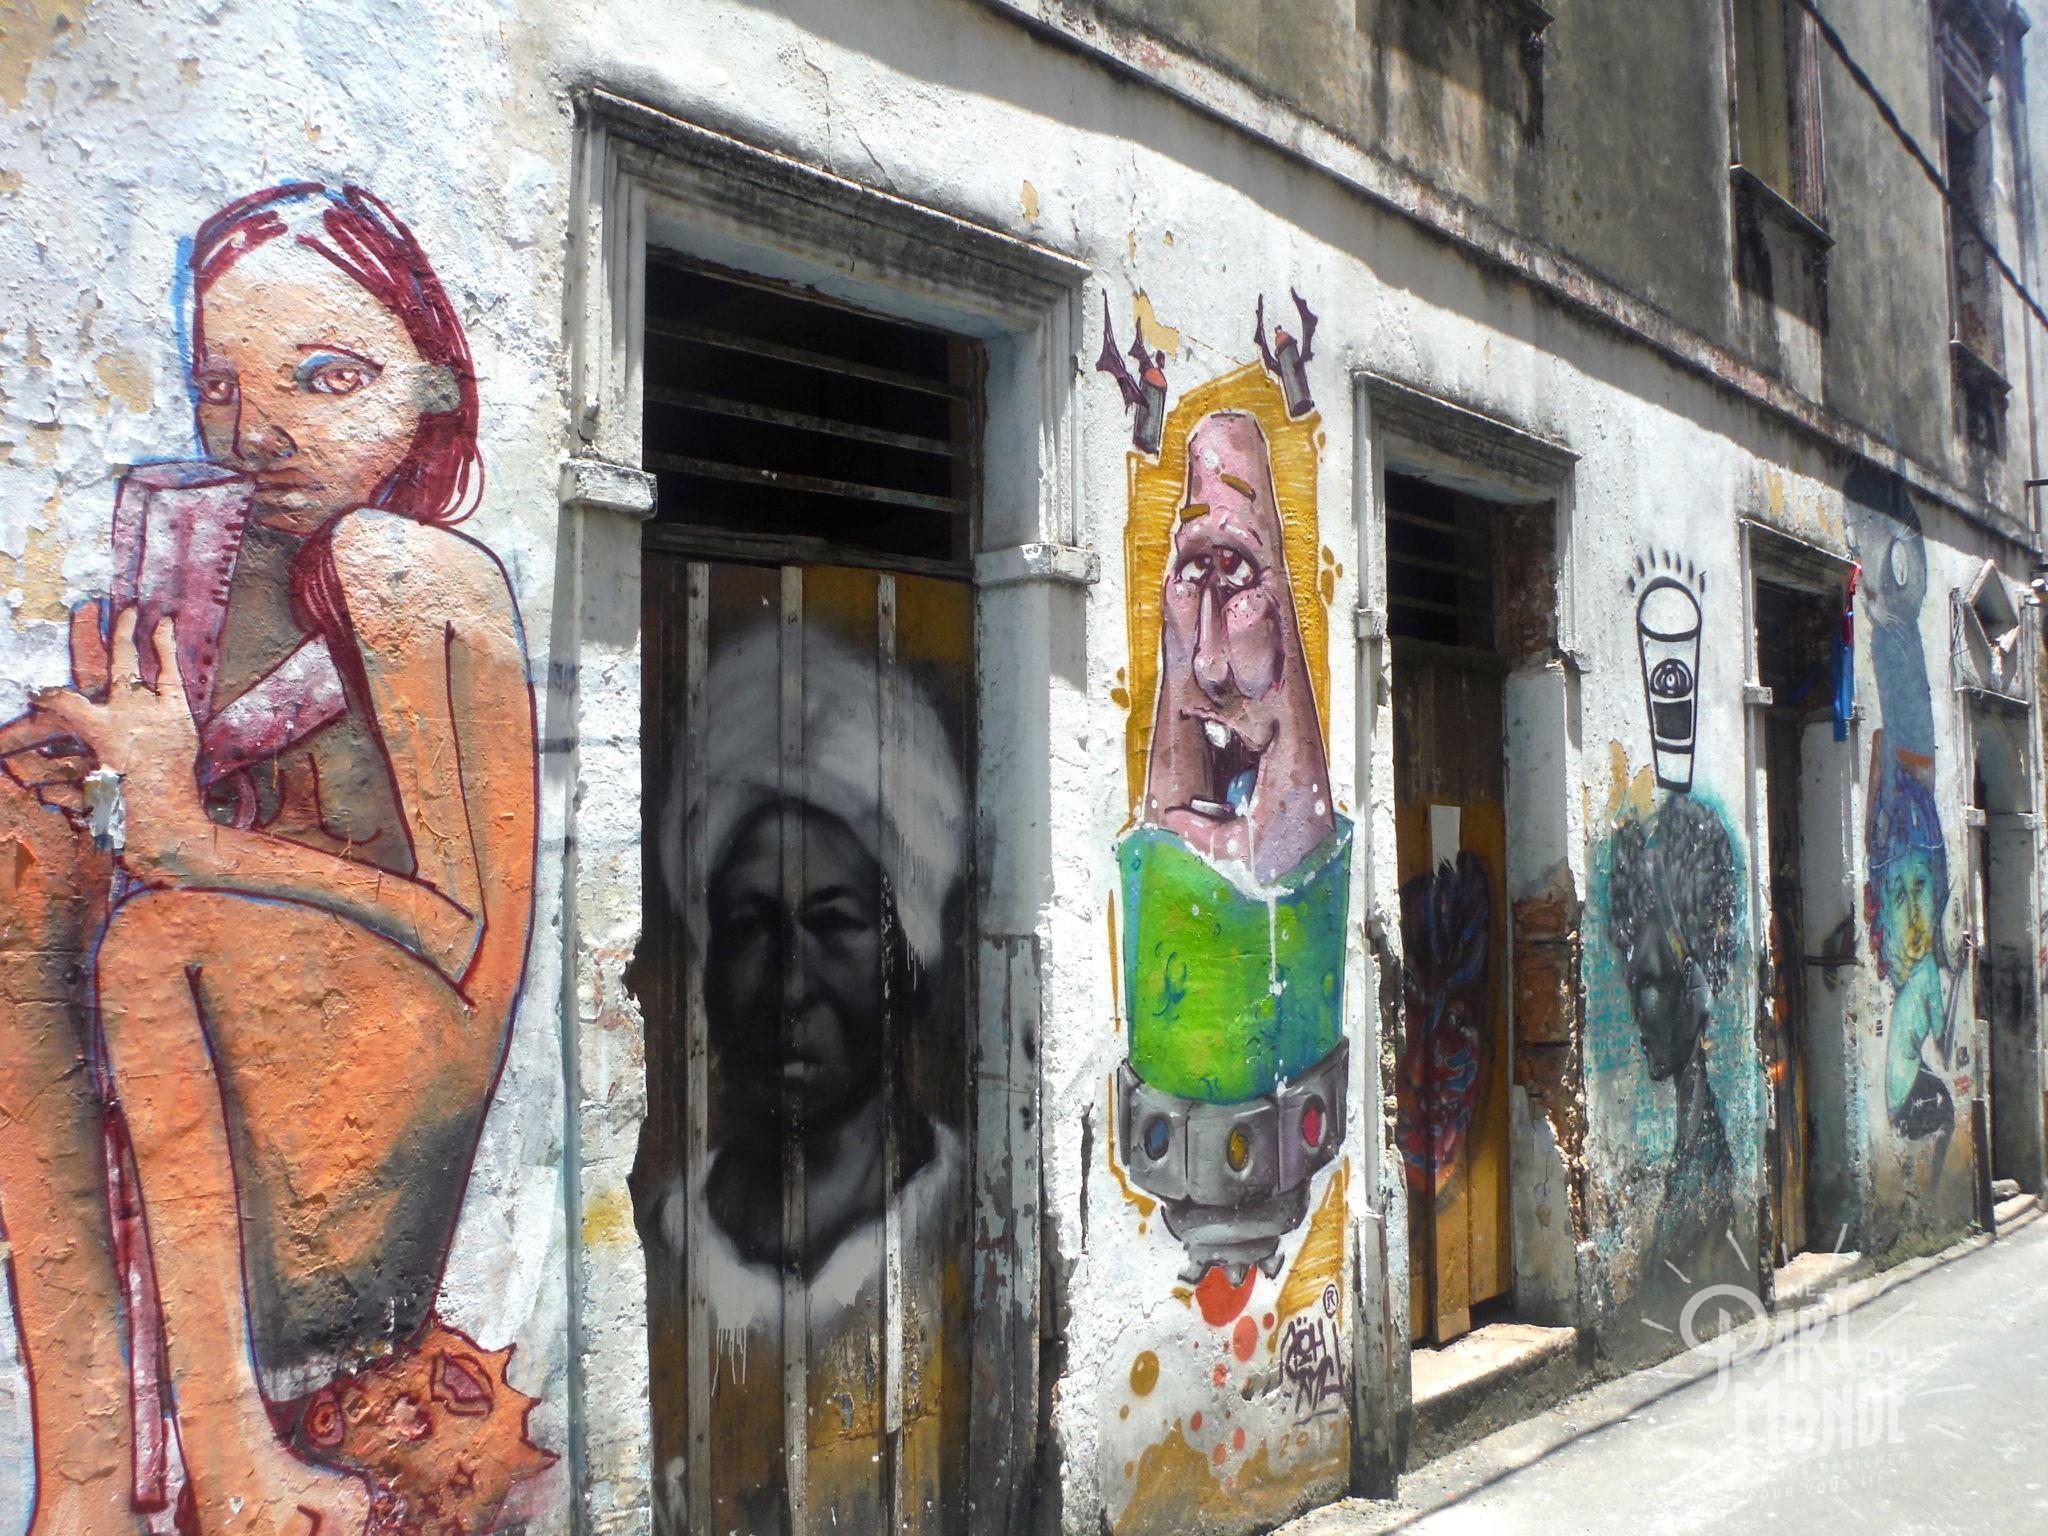 santo antonio salvador de bahia street art4